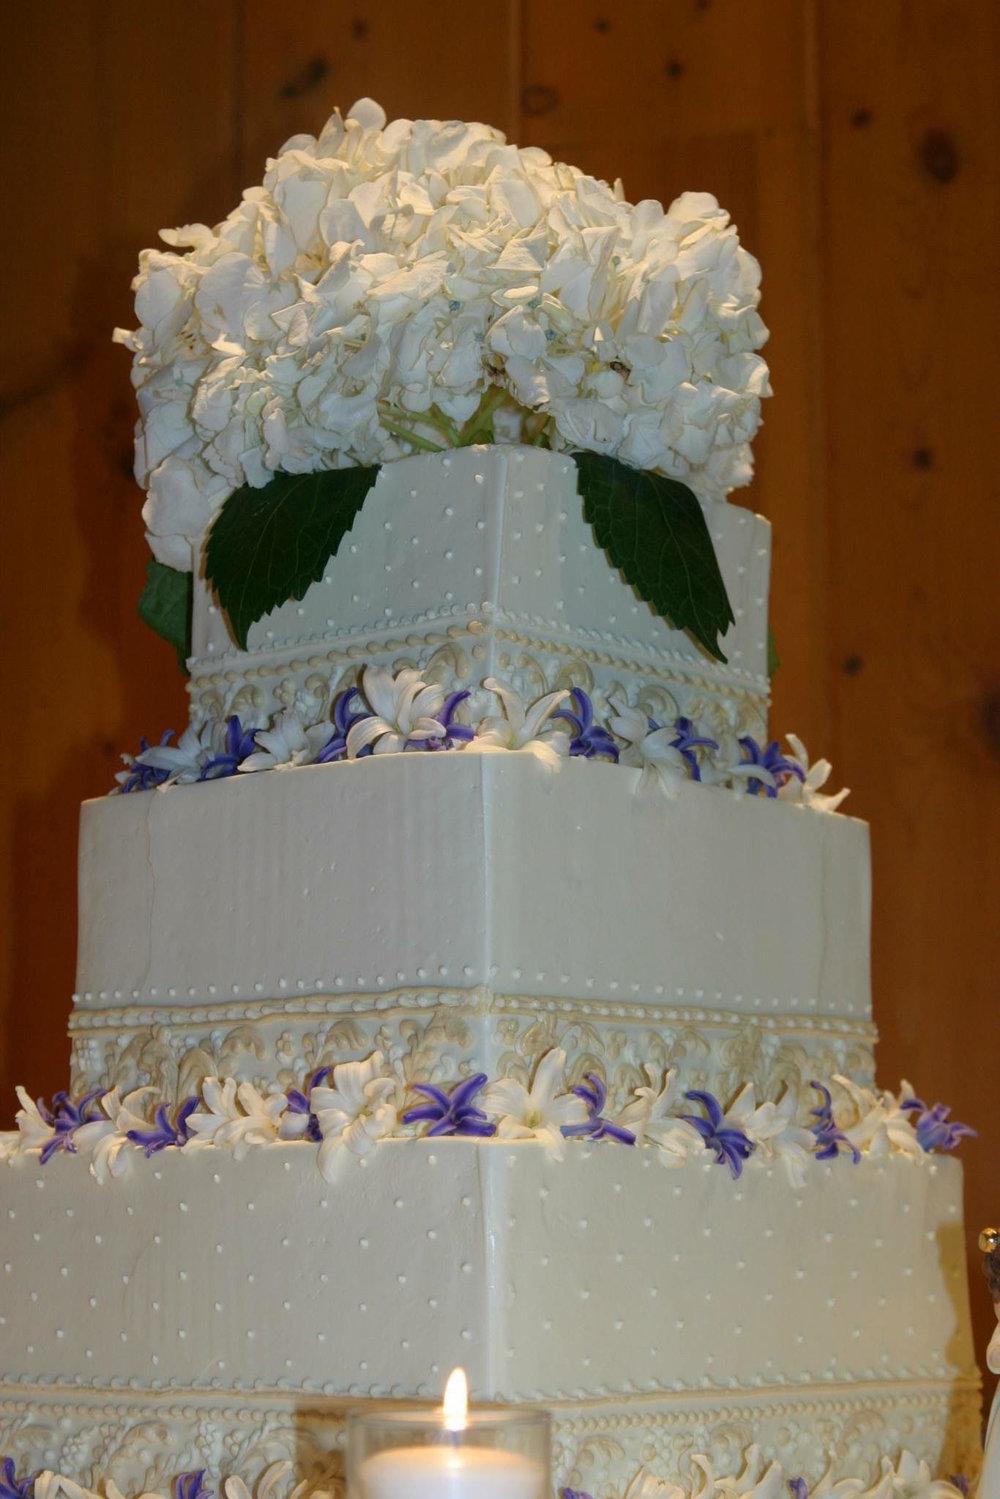 pa-wedding-cakes-44.jpg